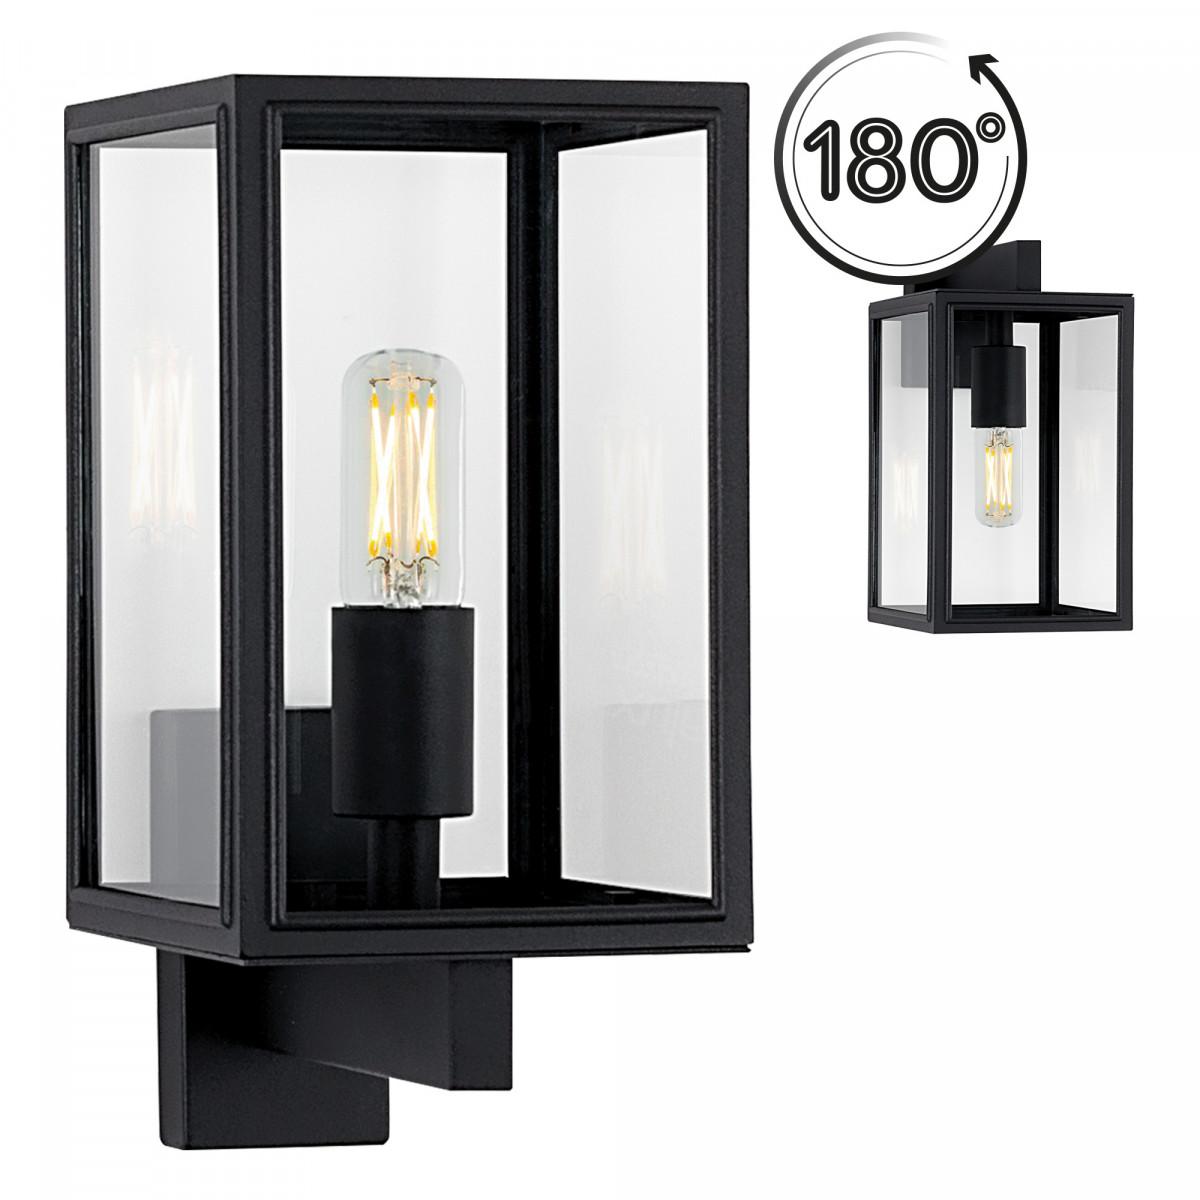 Auβen Wandleuchte Soho - Edelstahl Schwarz - 7530D4 - Wandlampe KS Beleuchtung